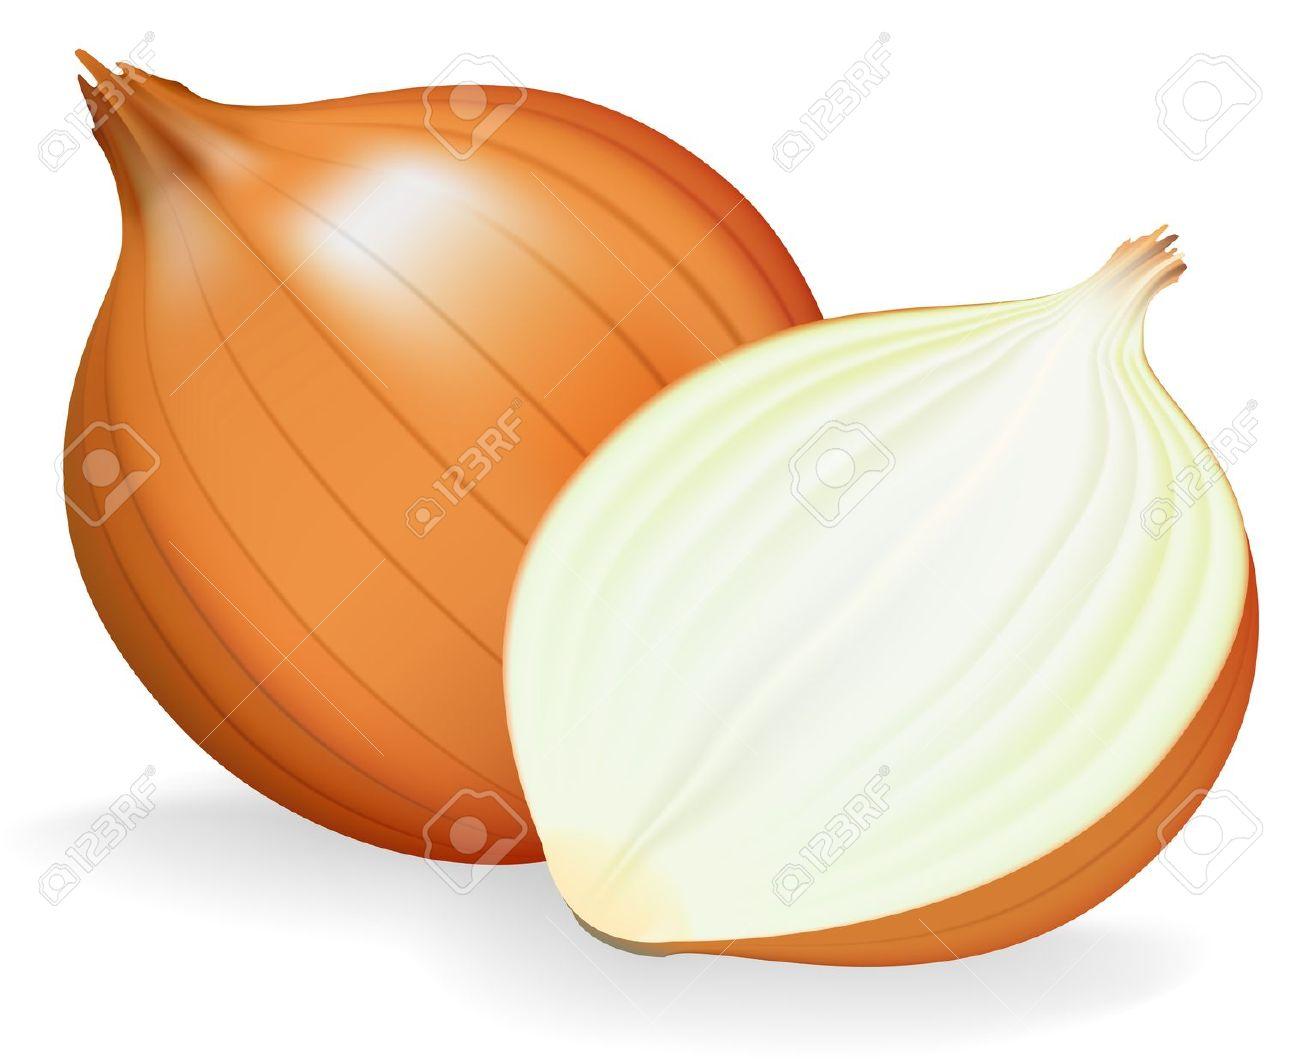 Onion Clip Art Images | Clipart Panda - Free Clipart Images